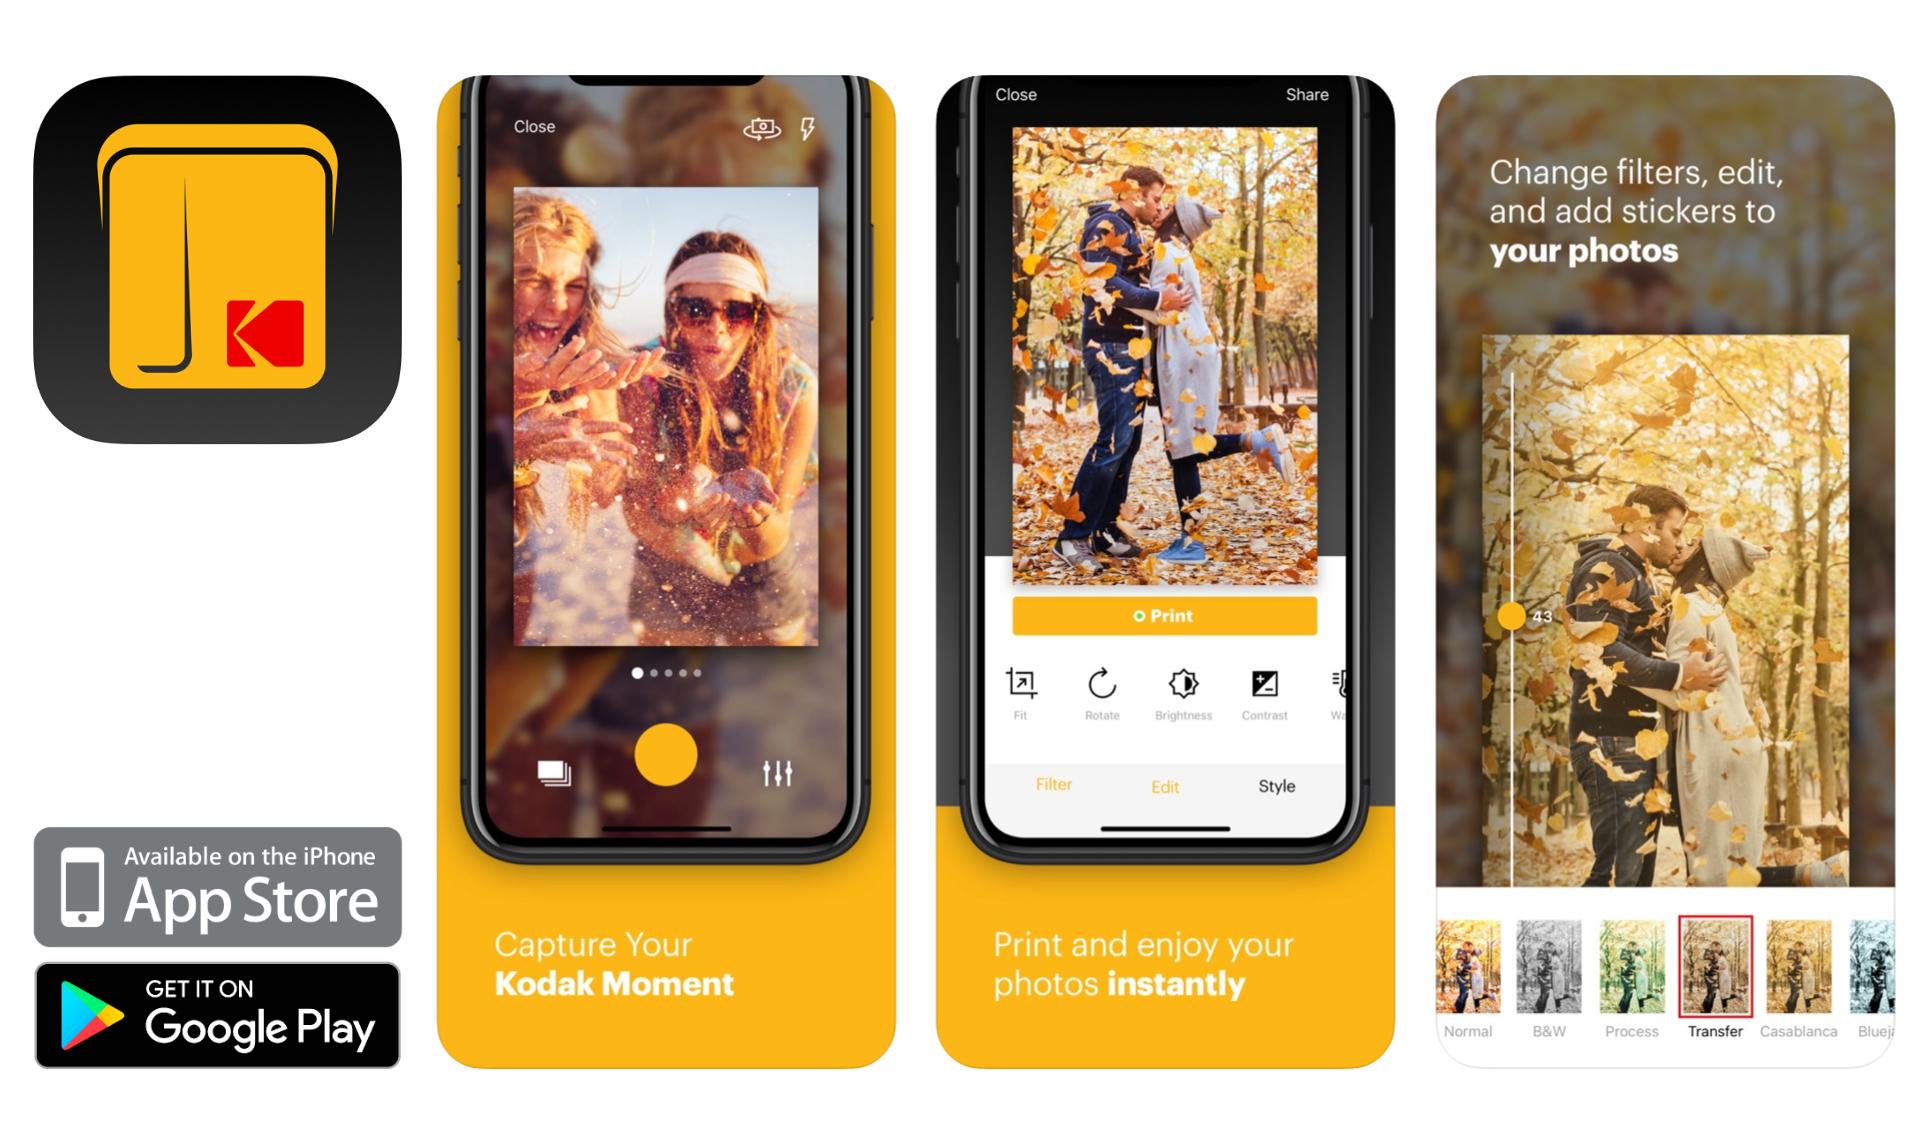 Инстантен фотоапарат Kodak Classic